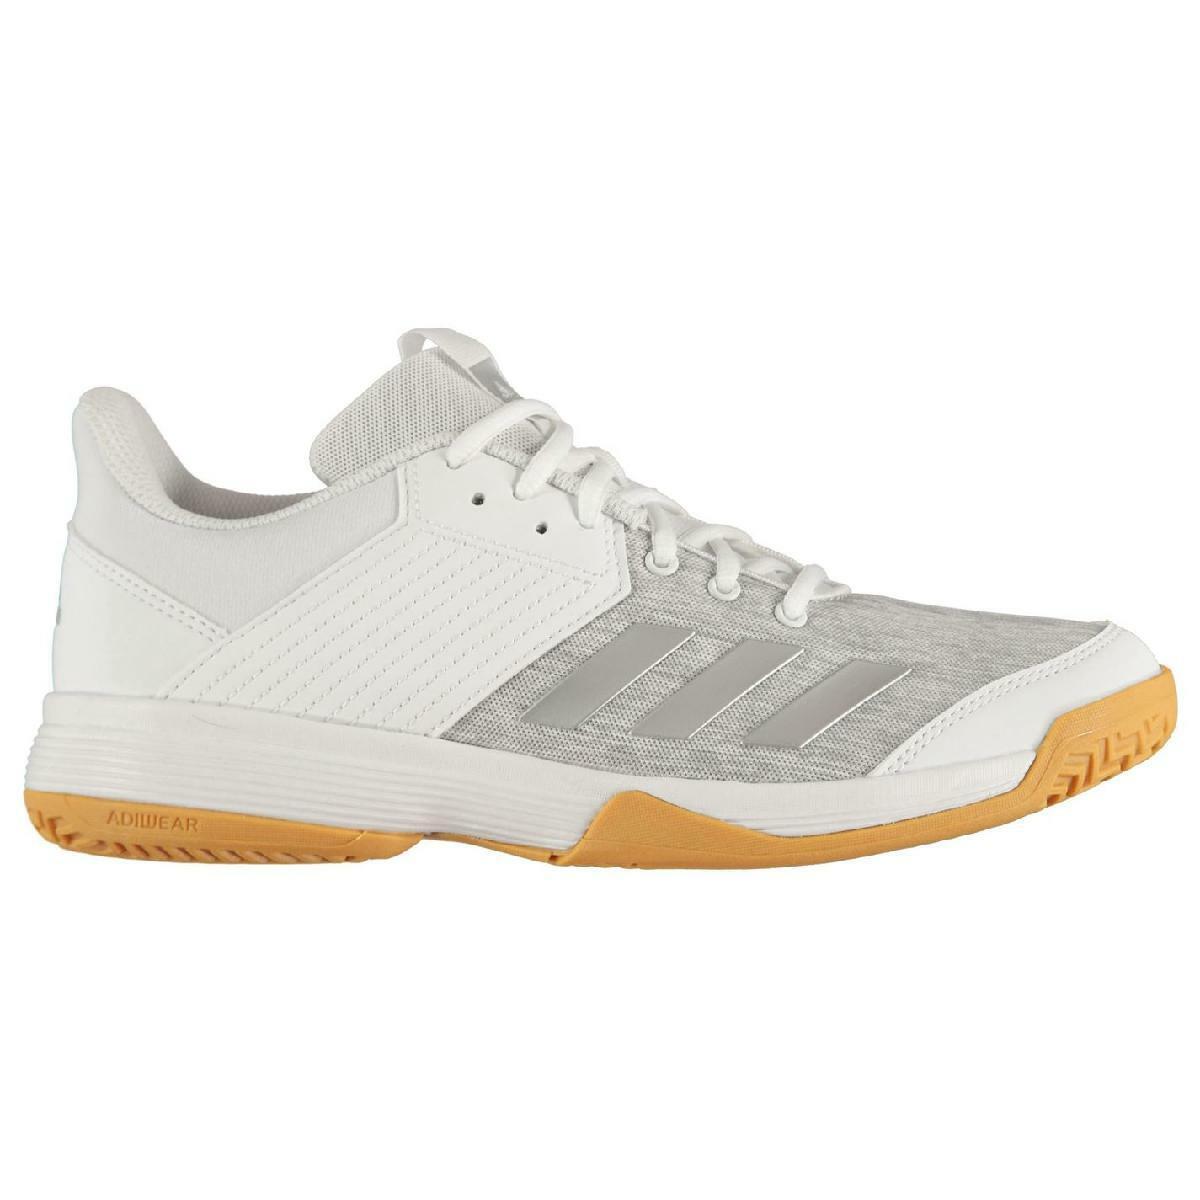 Adidas ligra 6 señora zapatillas de deporte zapatillas para correr talla 39 zapatillas Trainers fitness 0237